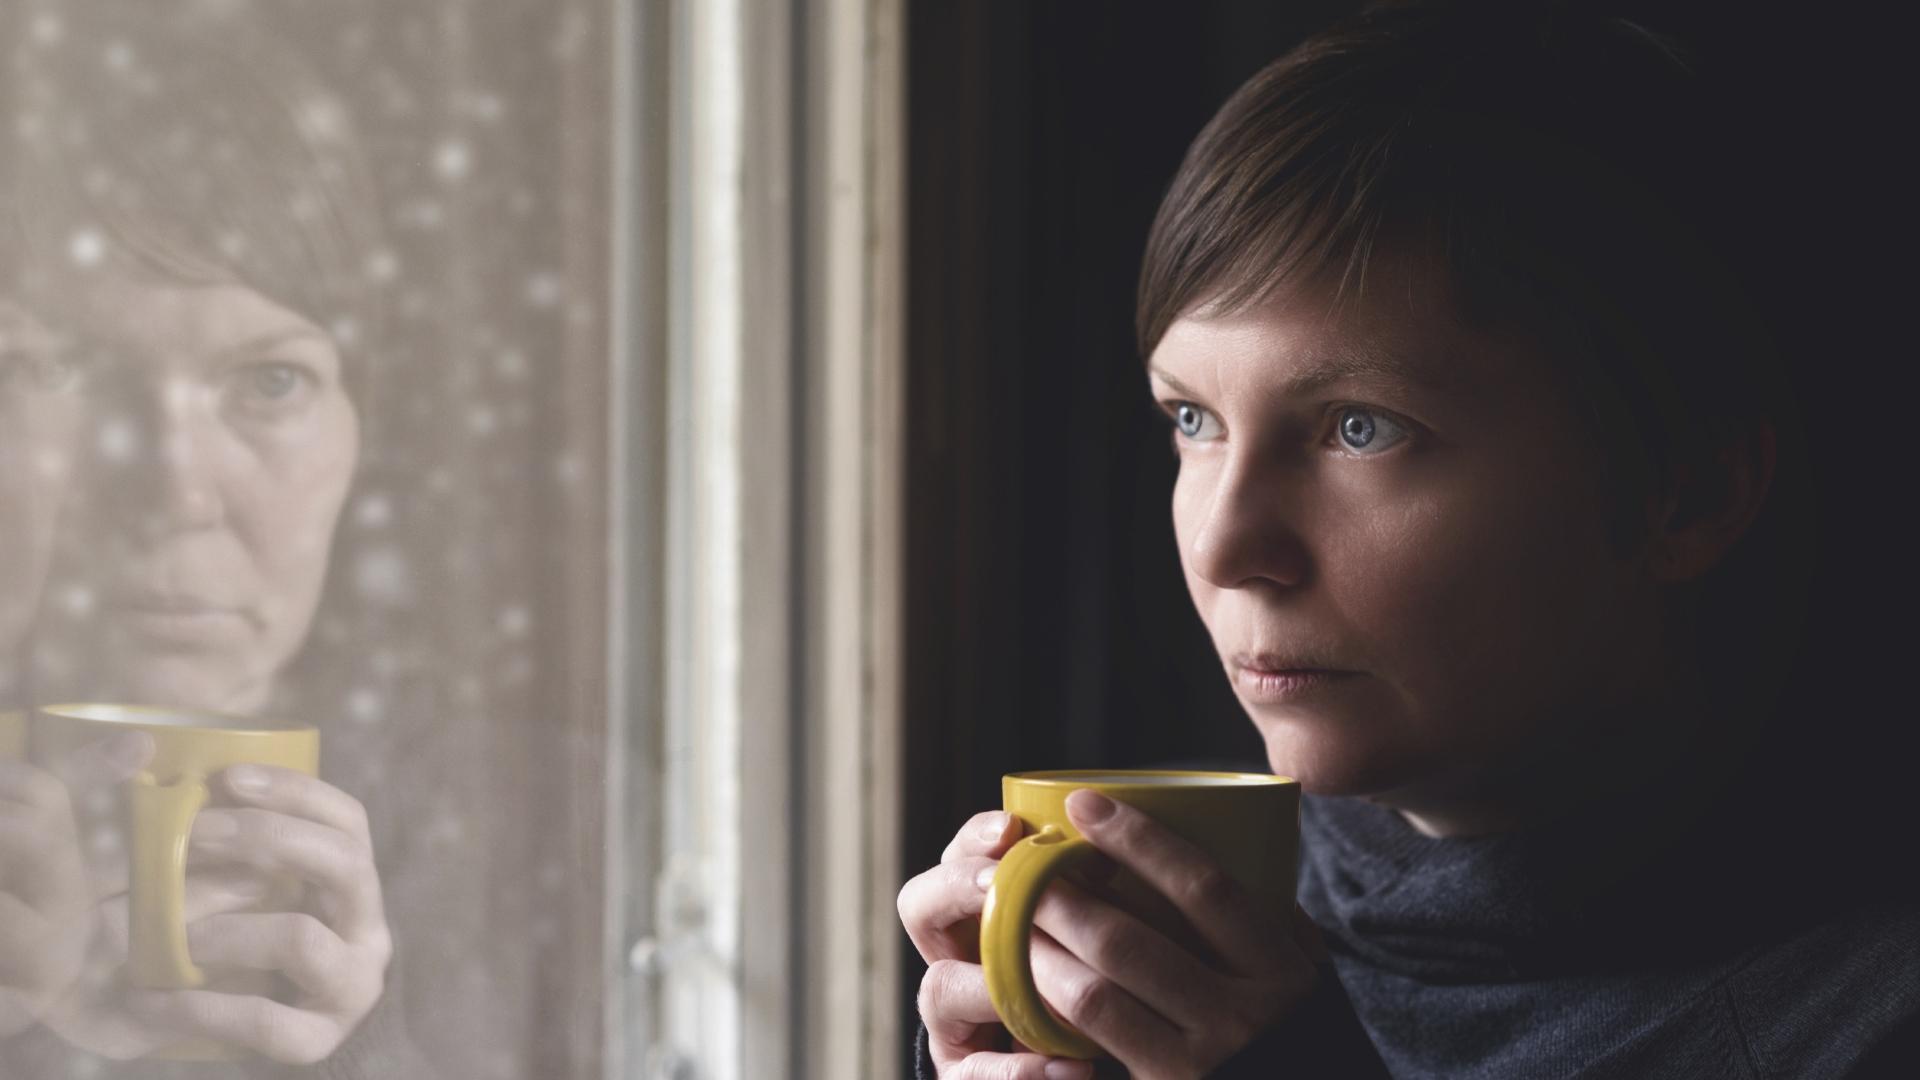 Психологи подтвердили явление эмоционального похмелья